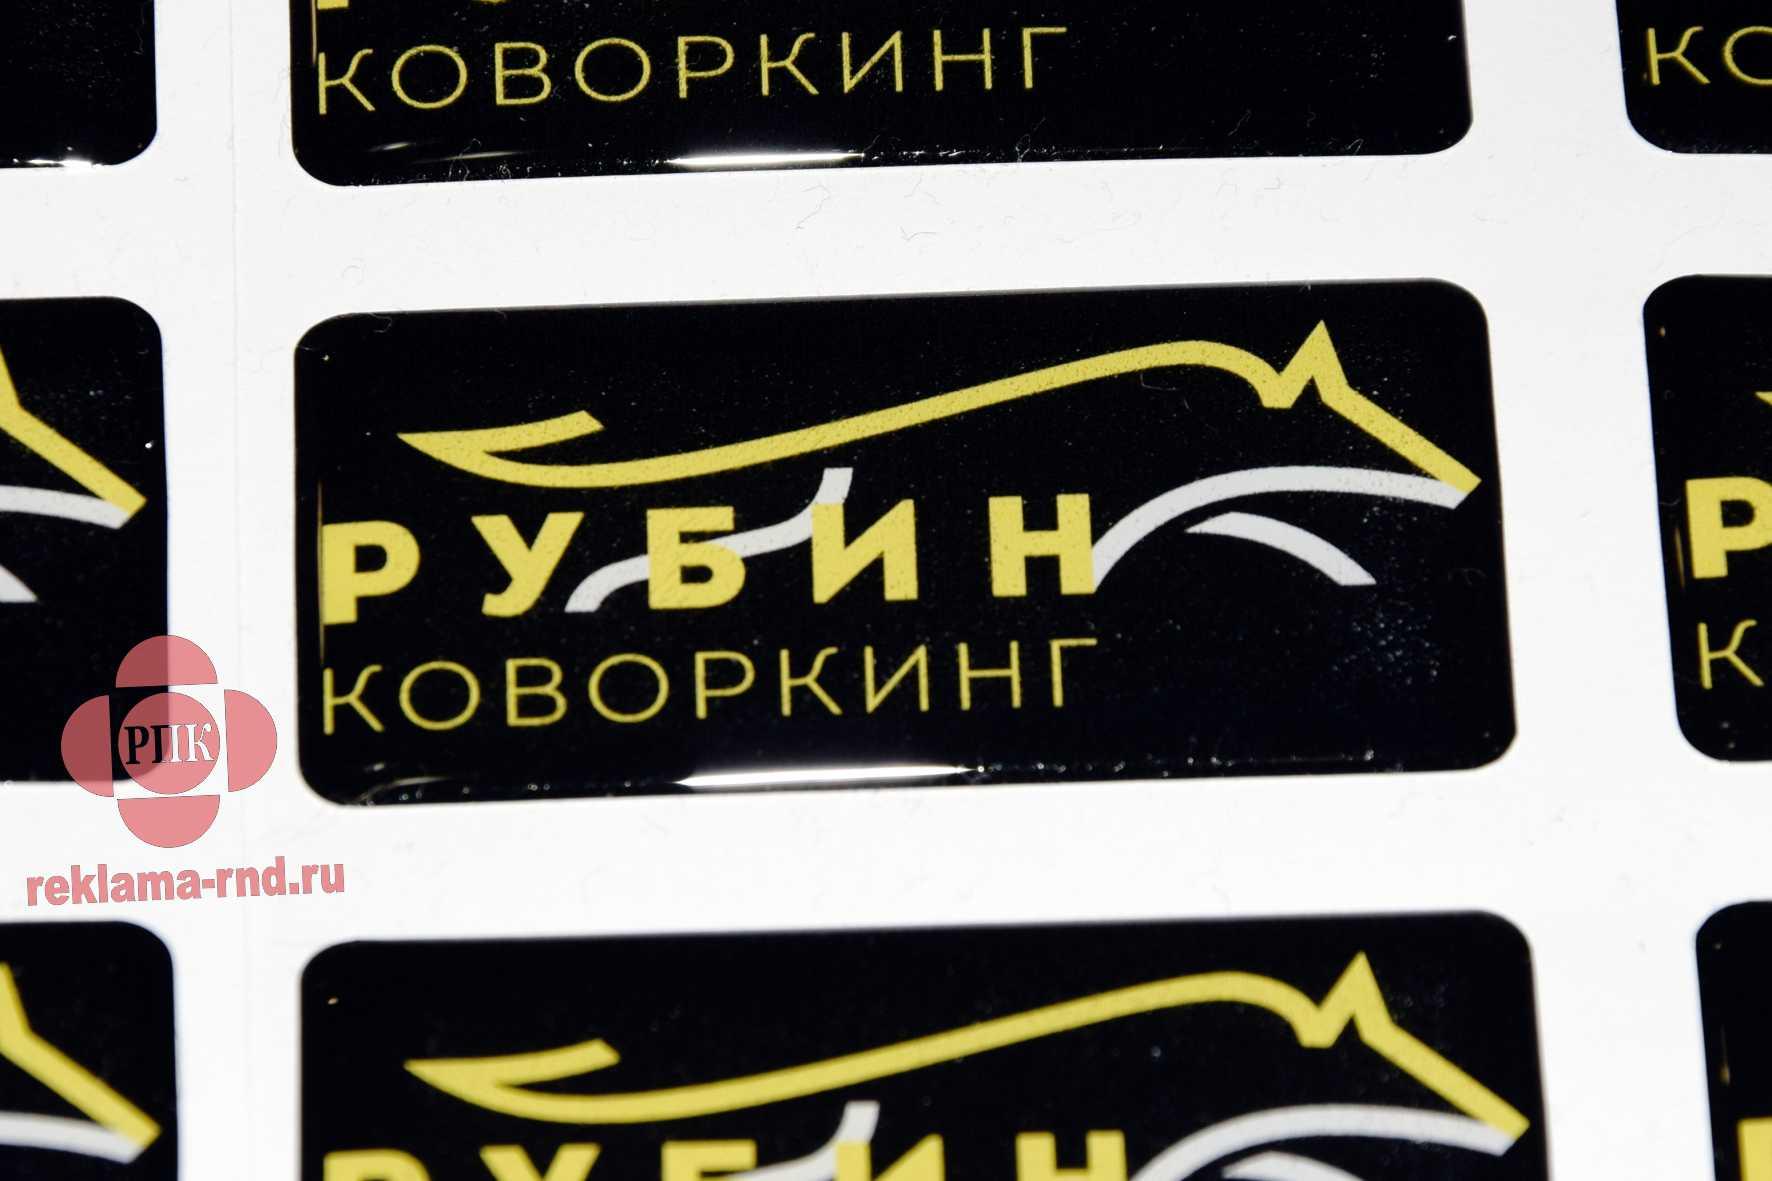 Объемные наклейки с успехом применяются для персонализации корпоративных сувениров